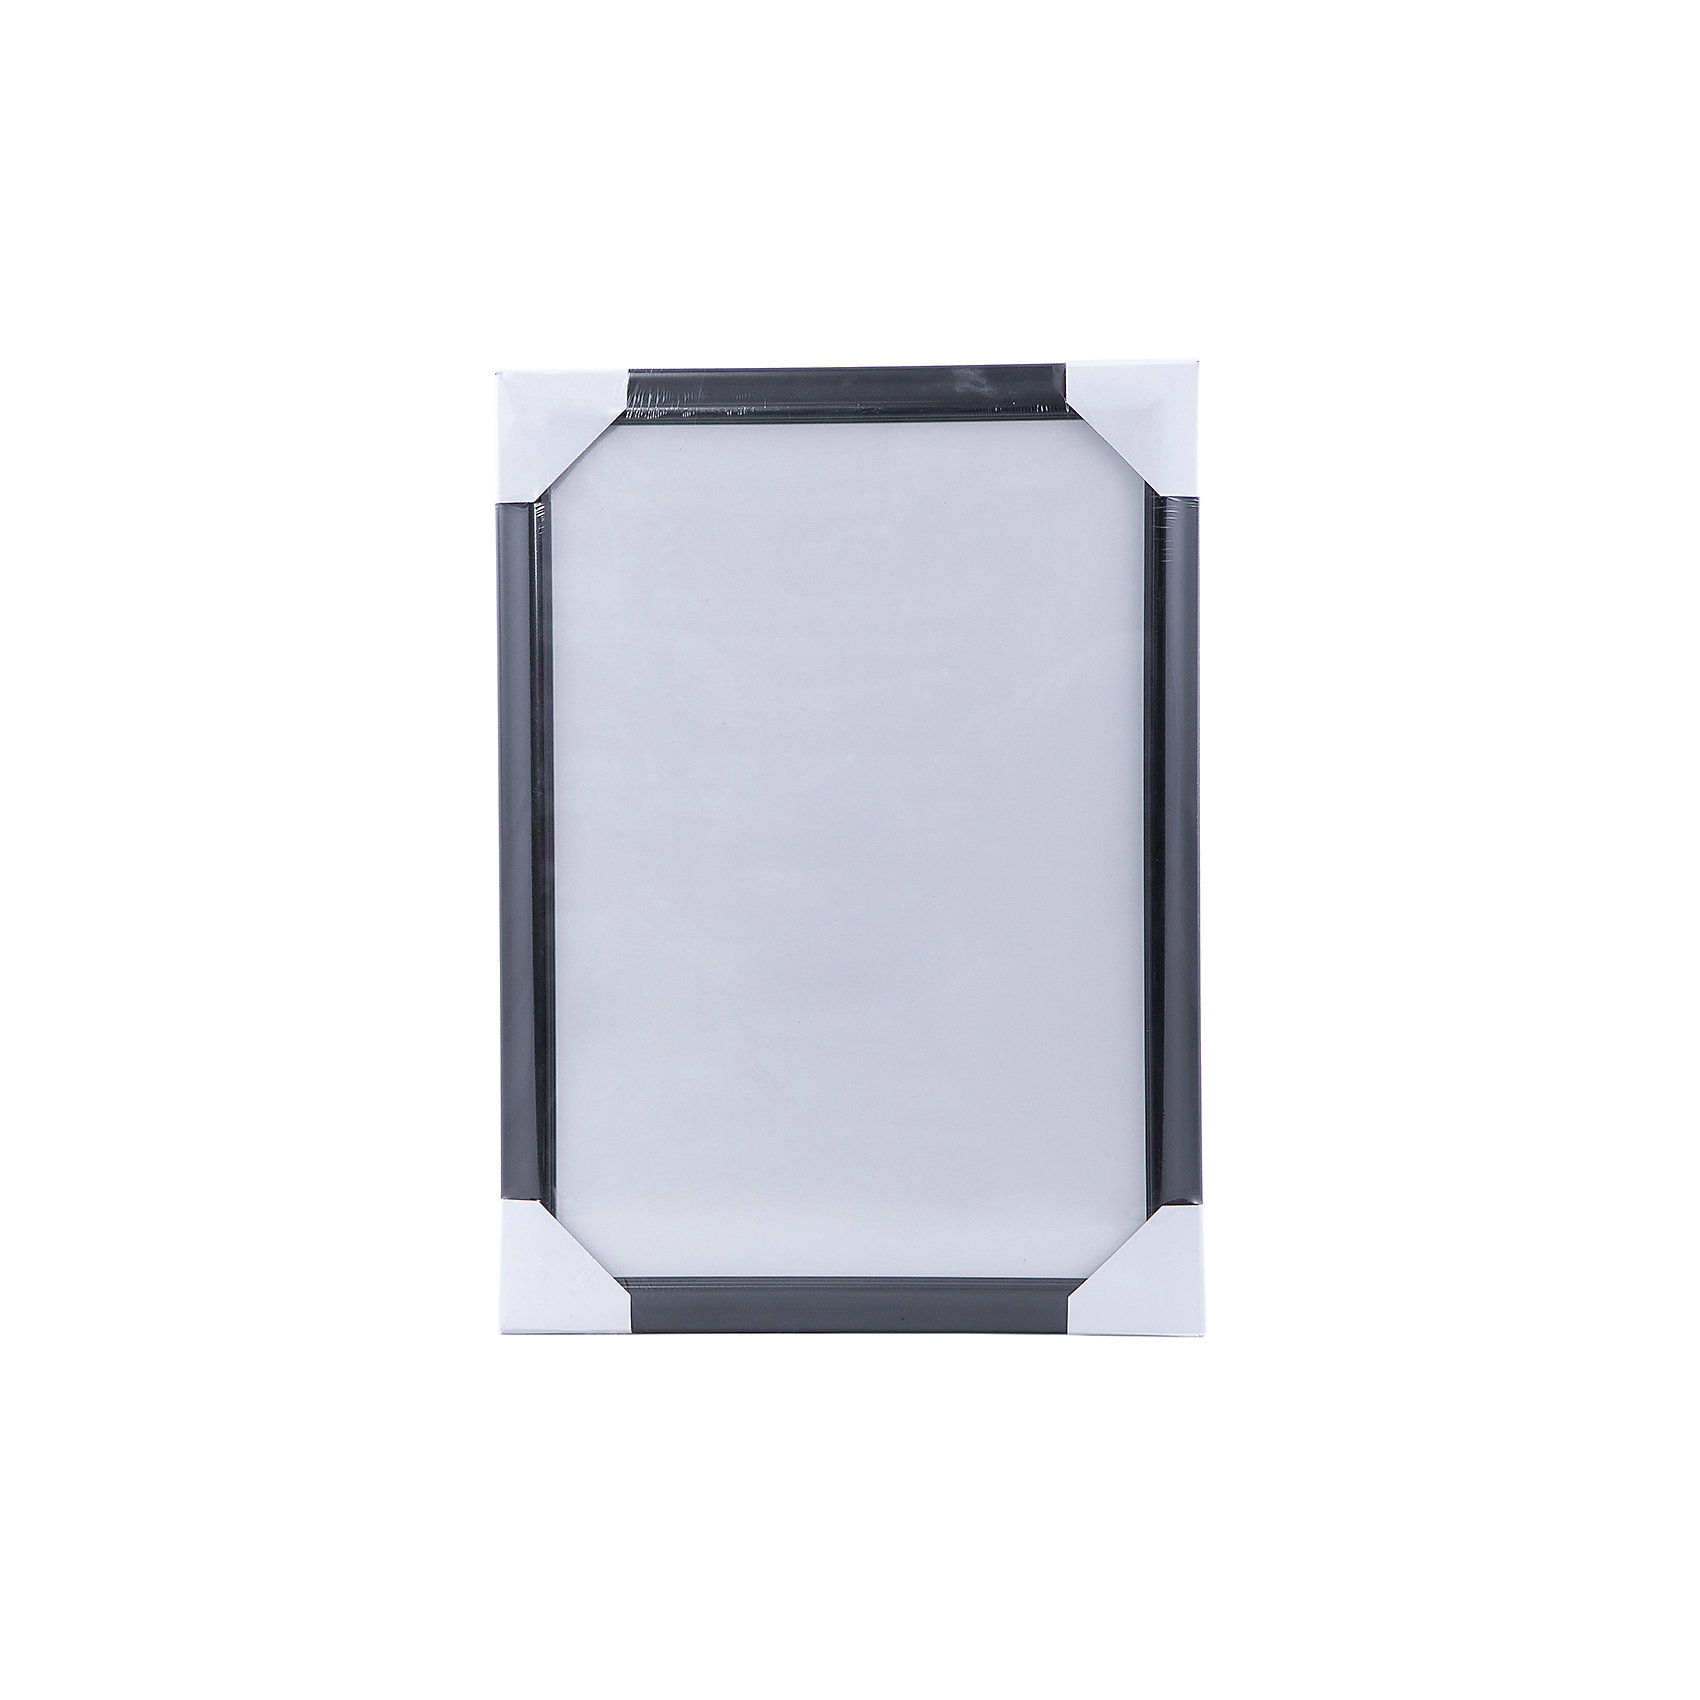 Рамка для пазла 500 деталей, 33х47 см, темно-коричневыйРамка для пазла 500 деталей, 33х47 см, темно-коричневый – эта рамка сохранит собранный пазл и позволит использовать его в качестве картины.<br>С этой стильной рамкой собранный пазл можно повесить на стену. Рамка позволяет быстро и надежно закрепить пазл между подложкой и пластиком, т.е. его не требуется предварительно склеивать. Идеально подходят для пазлов из 500 деталей с размером готовой картинки 33х47 см.<br><br>Дополнительная информация:<br><br>- Материал: пластик<br>- Подложка: МДФ<br>- Размер: 33х47 см.<br>- Ширина профиля: 3,2 см.<br>- Цвет: темно-коричневый<br><br>Рамку для пазла 500 деталей, 33х47 см, темно-коричневую можно купить в нашем интернет-магазине.<br><br>Ширина мм: 330<br>Глубина мм: 470<br>Высота мм: 20<br>Вес г: 250<br>Возраст от месяцев: 72<br>Возраст до месяцев: 192<br>Пол: Унисекс<br>Возраст: Детский<br>SKU: 4391630